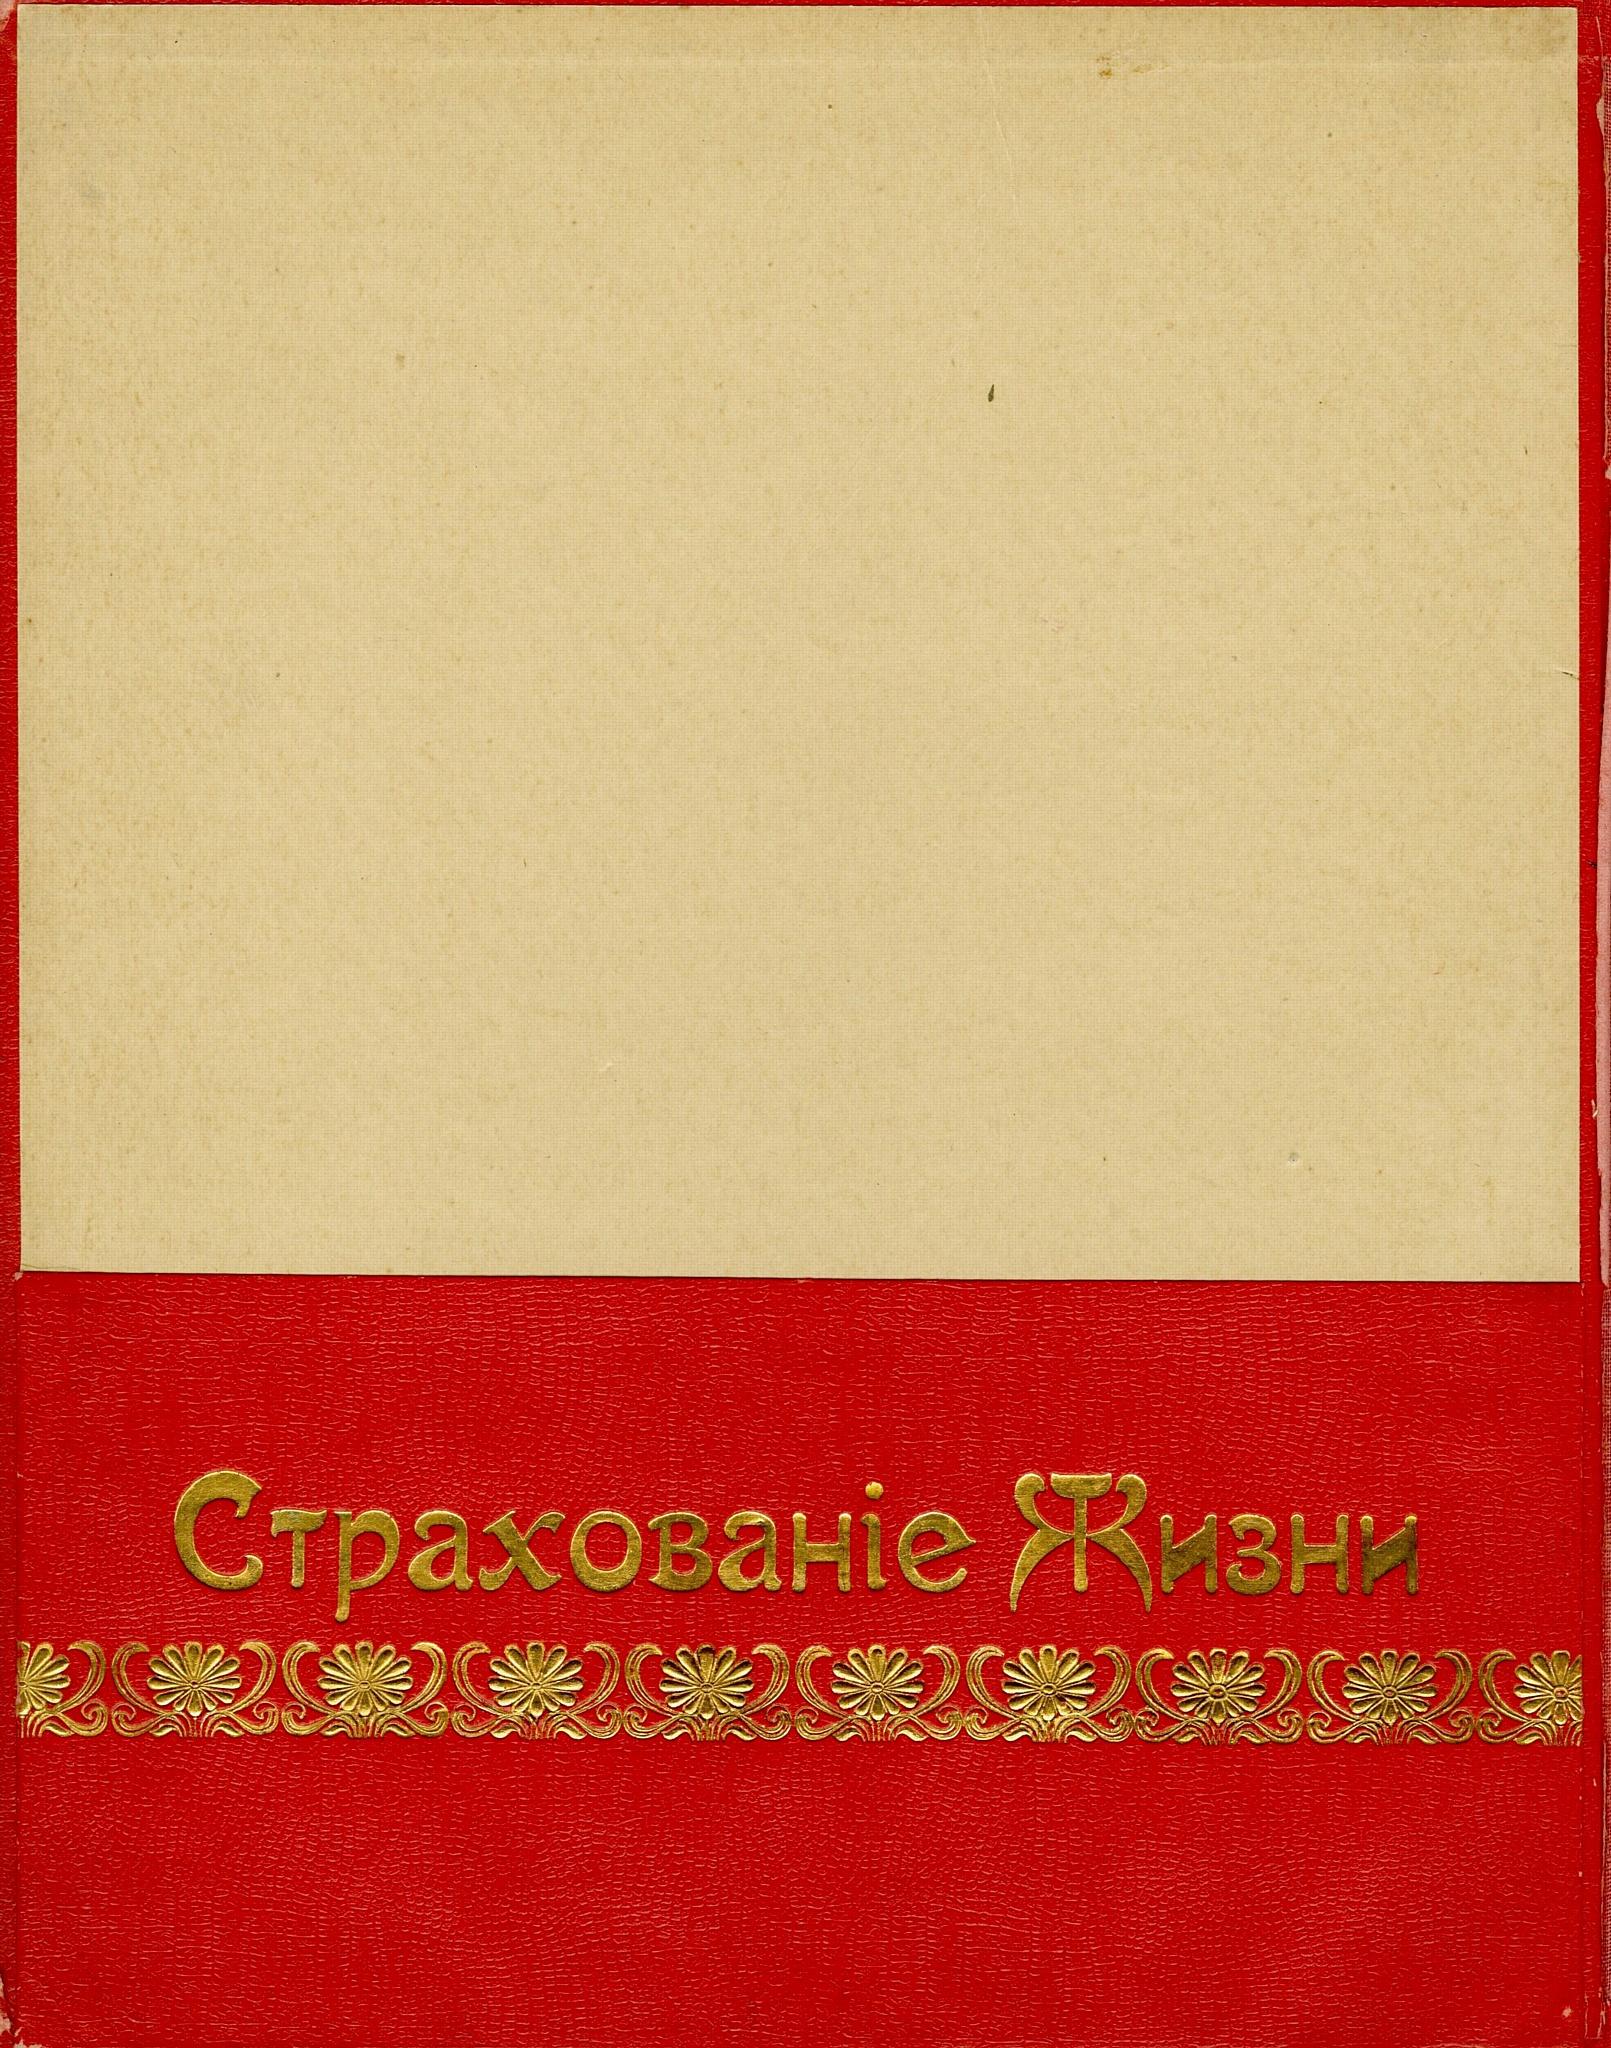 Великий петербургский переплетчик А. Шнель